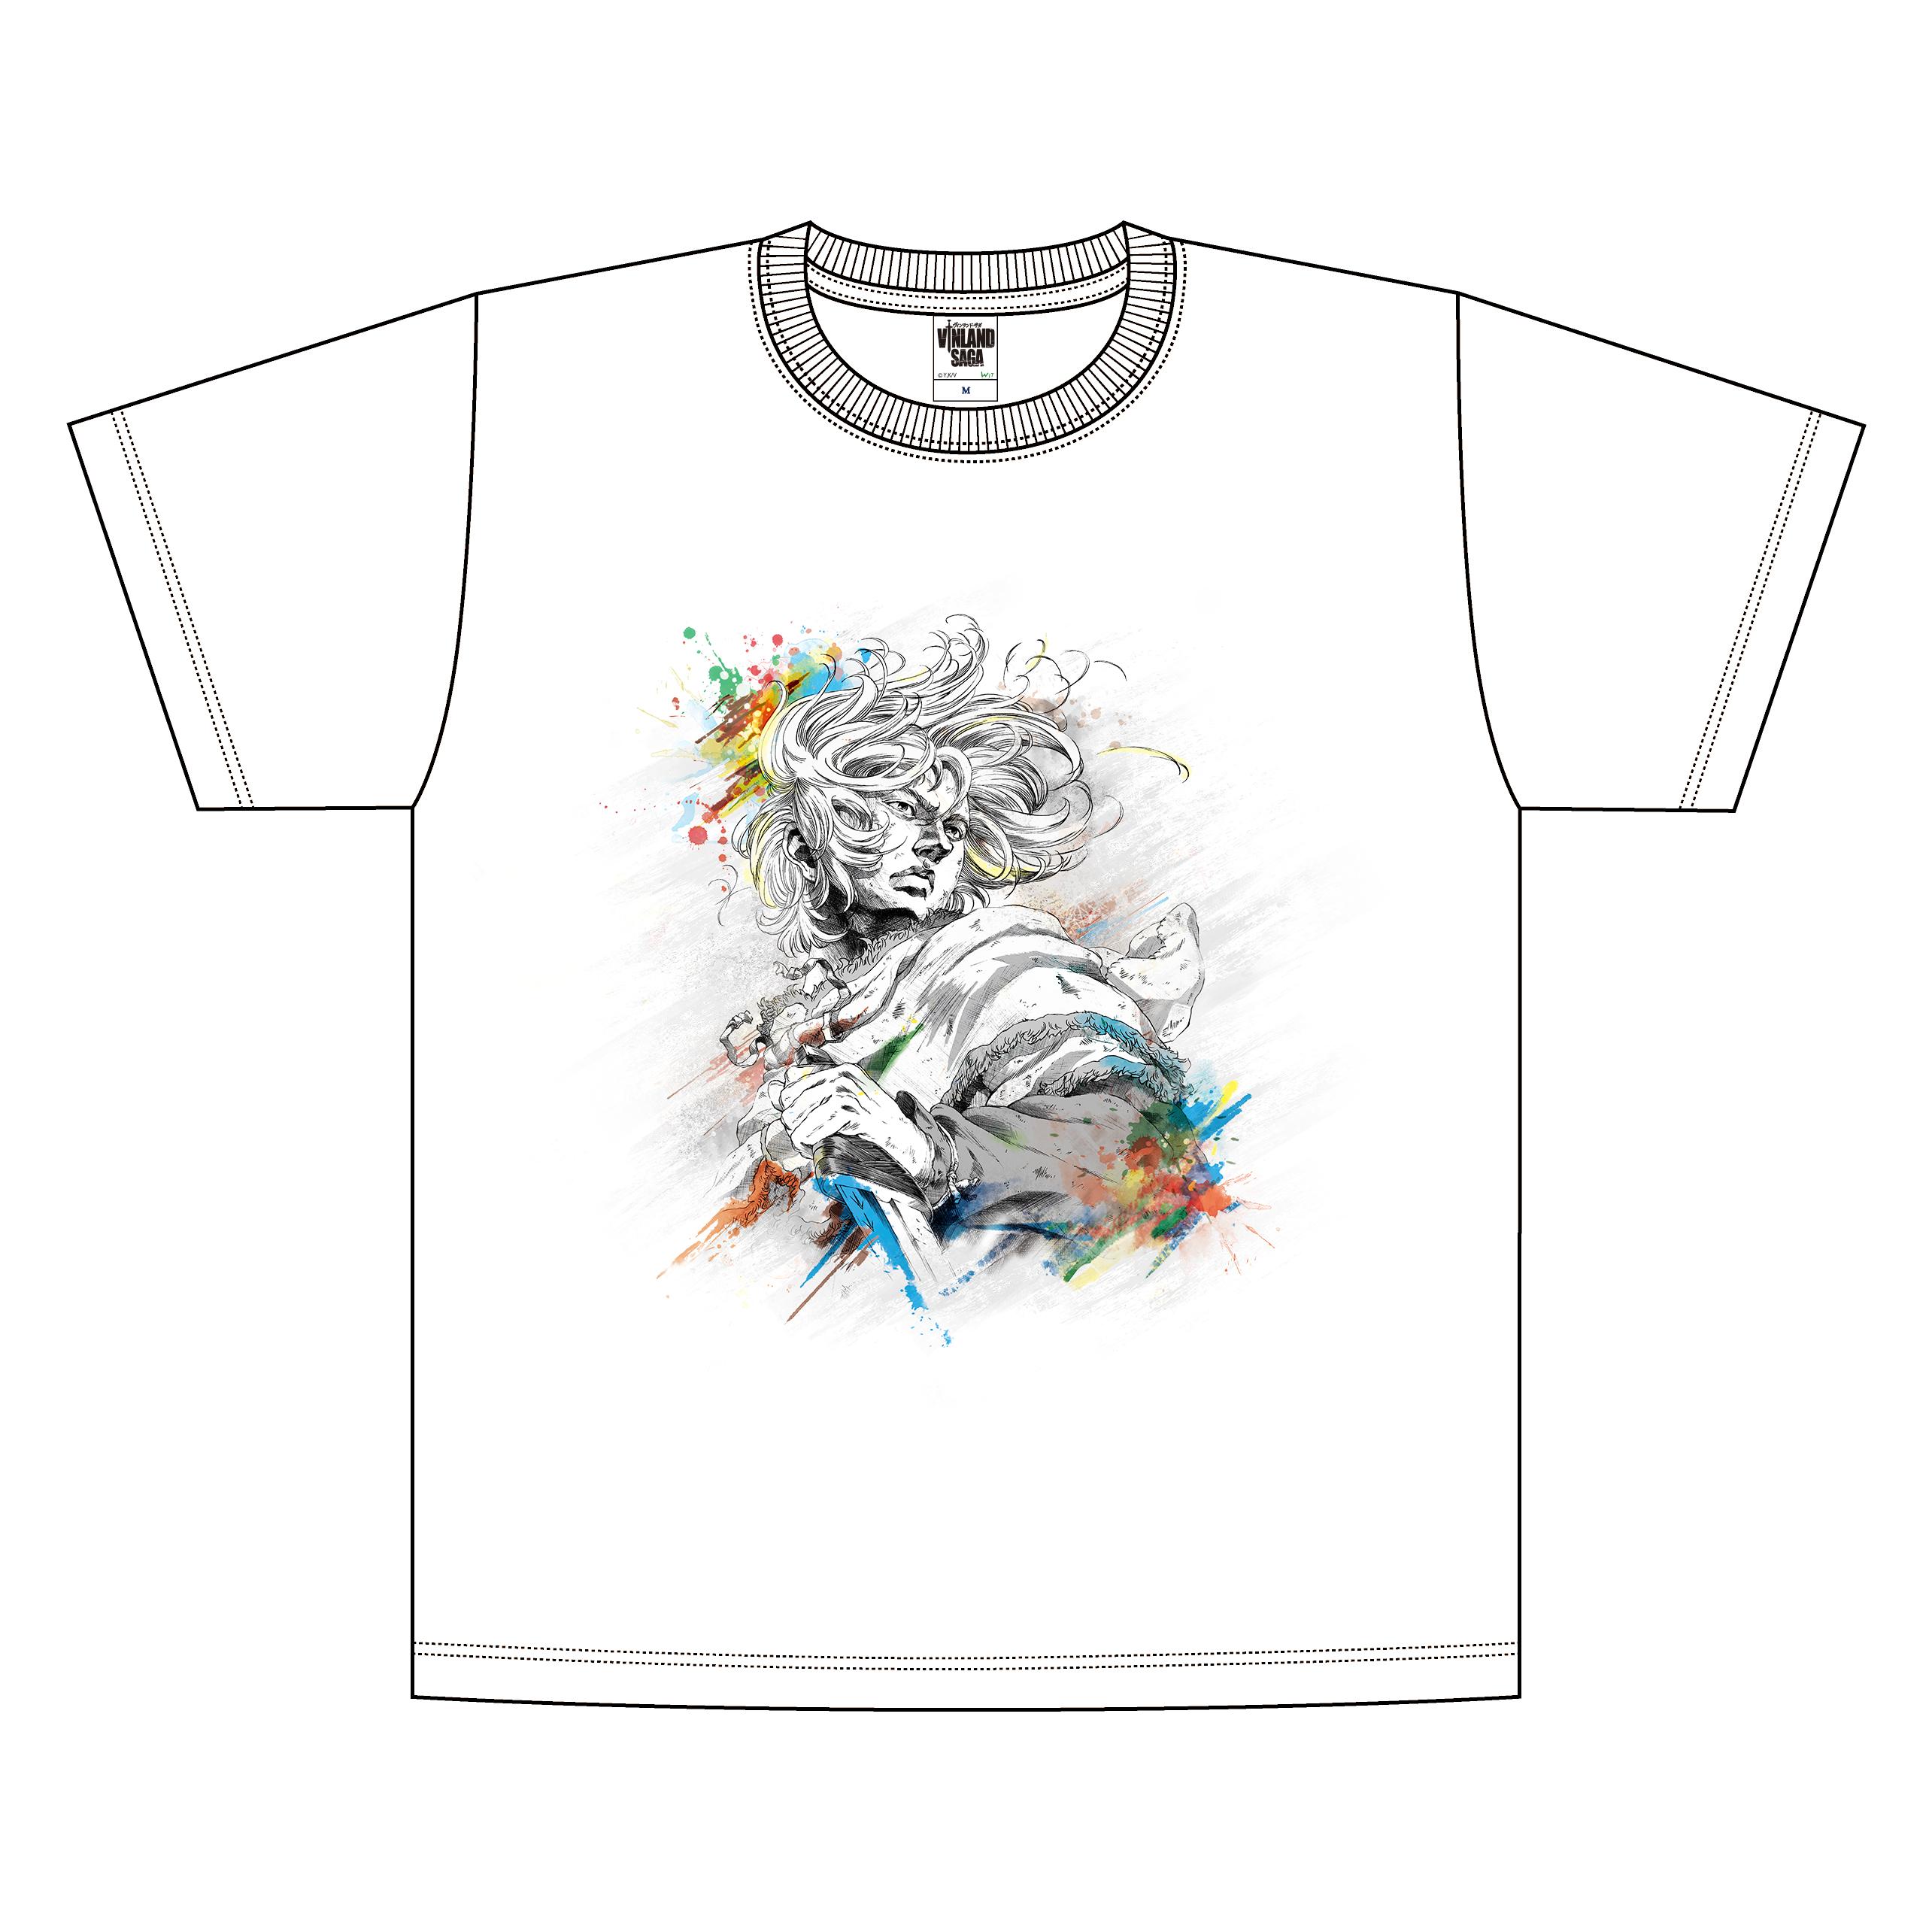 ヴィンランド・サガ Tシャツ A